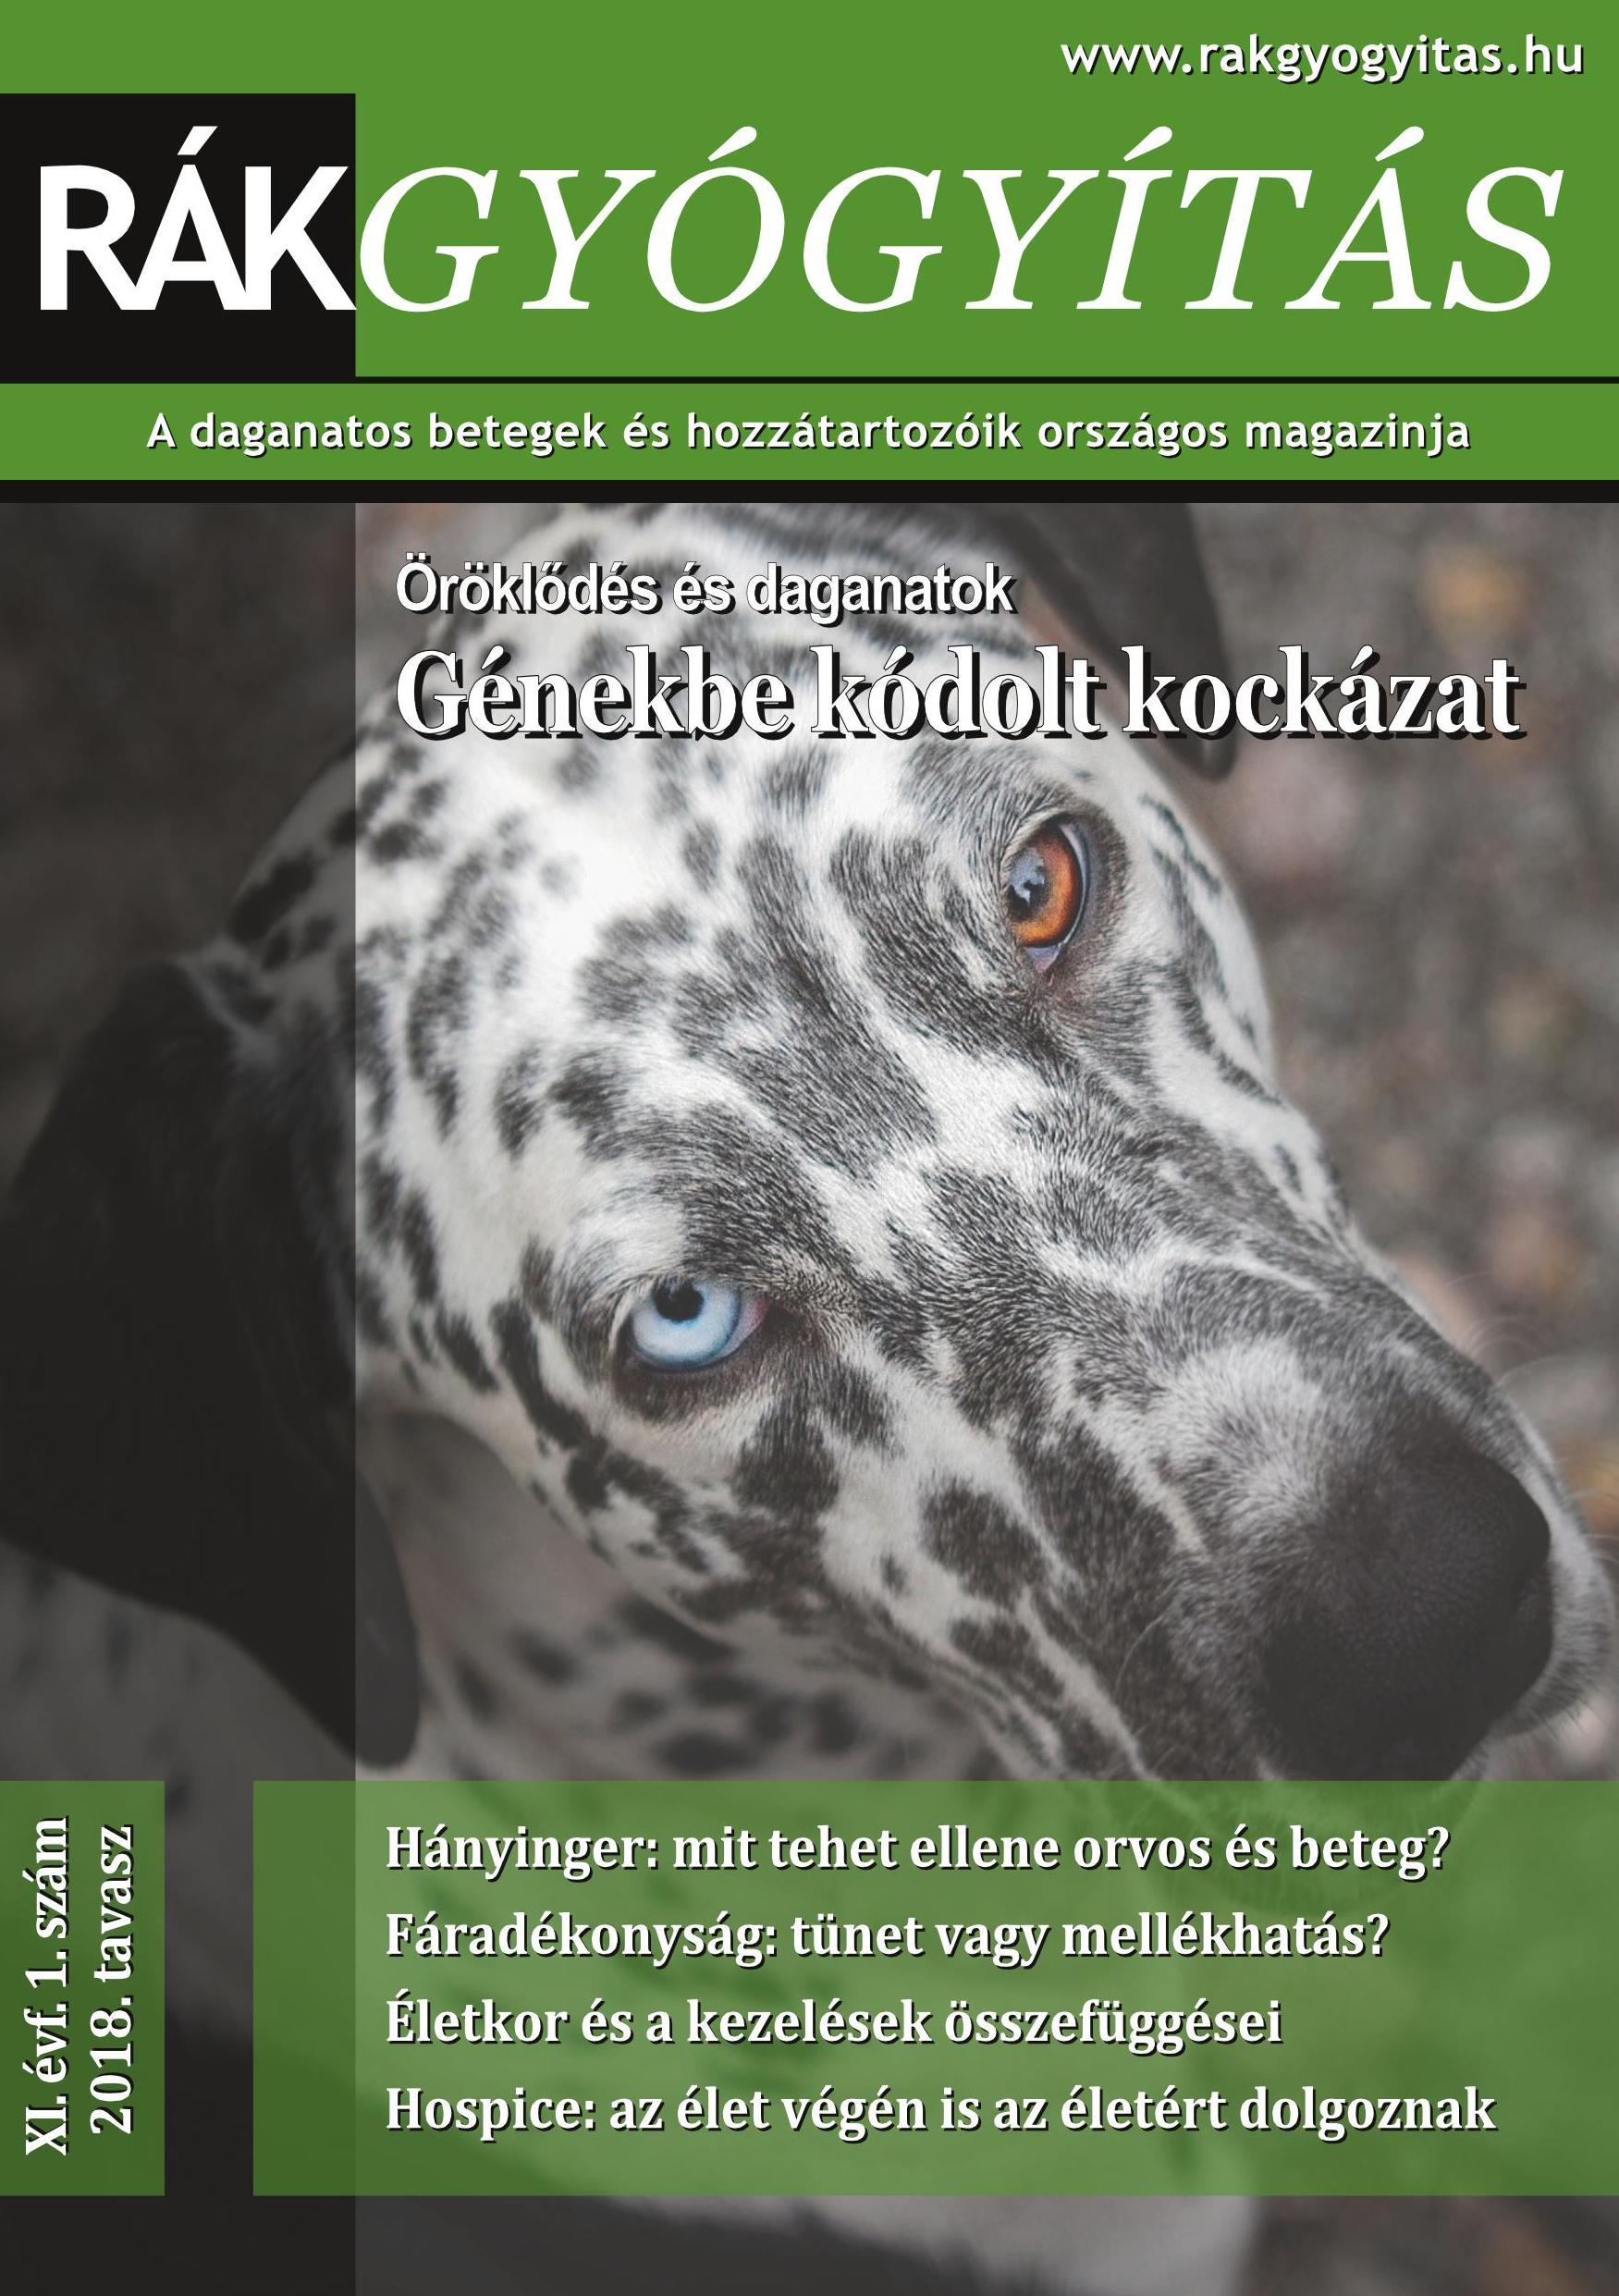 Rákgyógyítás Magazin 2018. tavasz